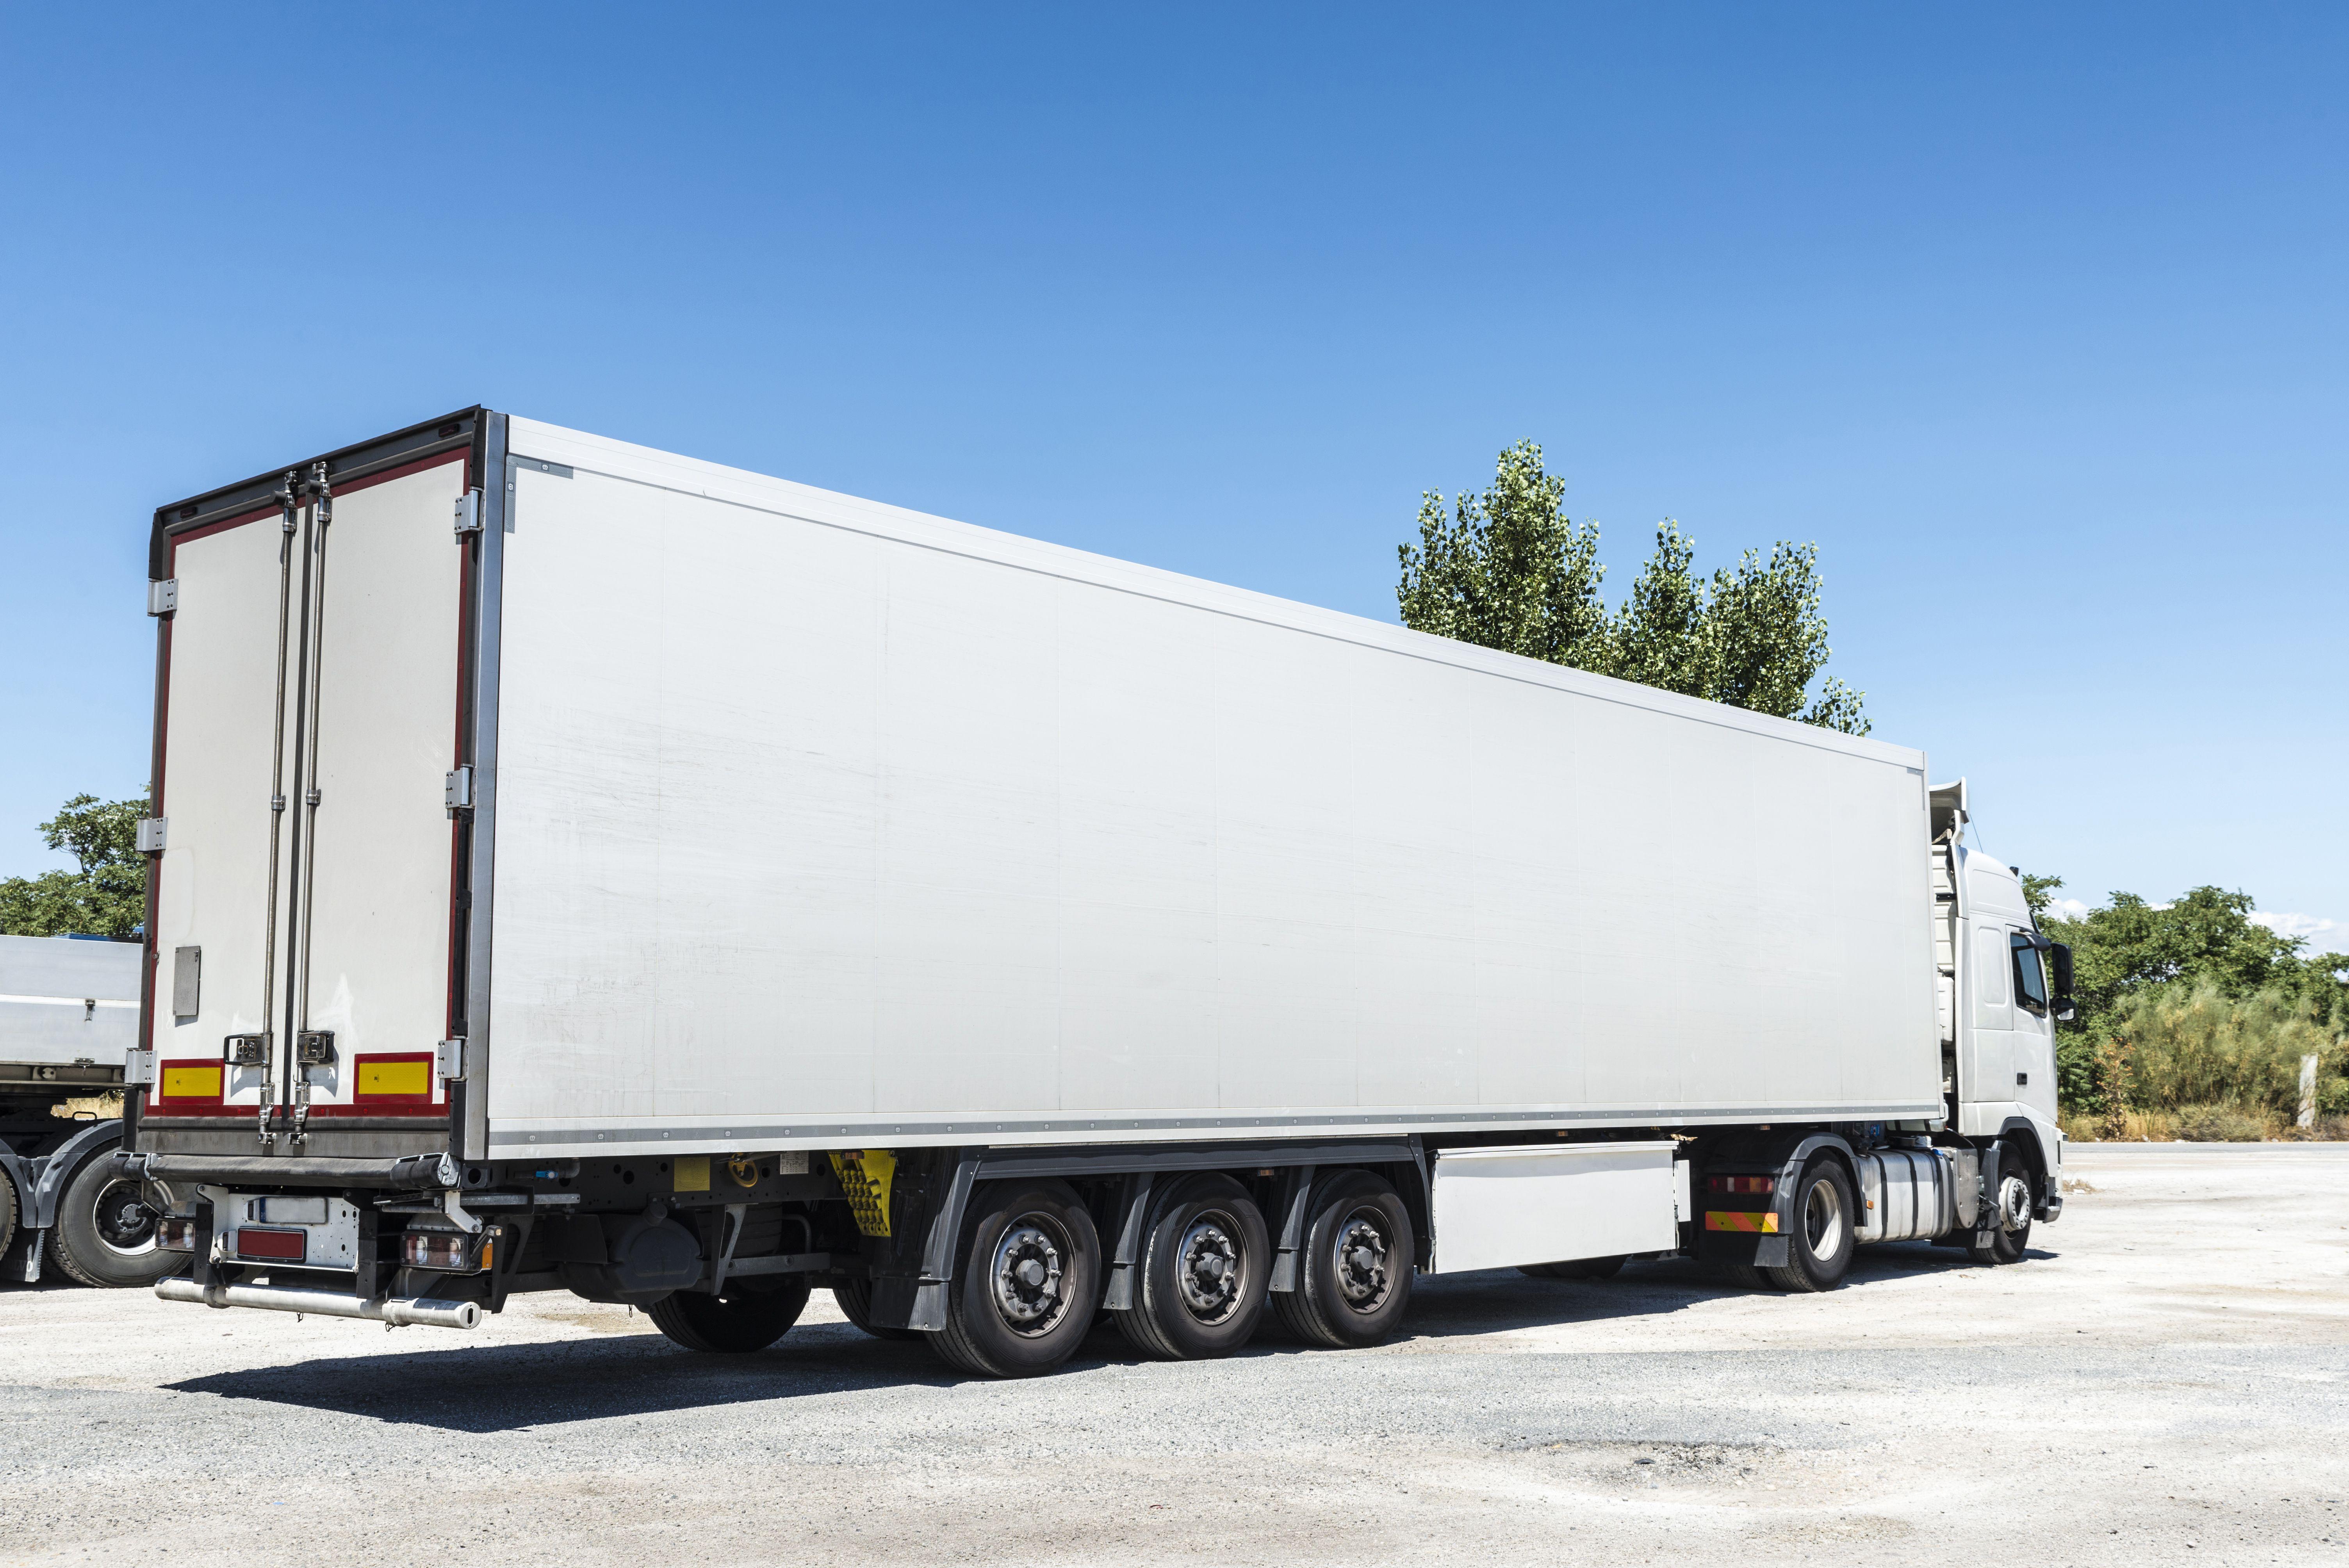 Transporte de cargas completas o fraccionadas en Castellón